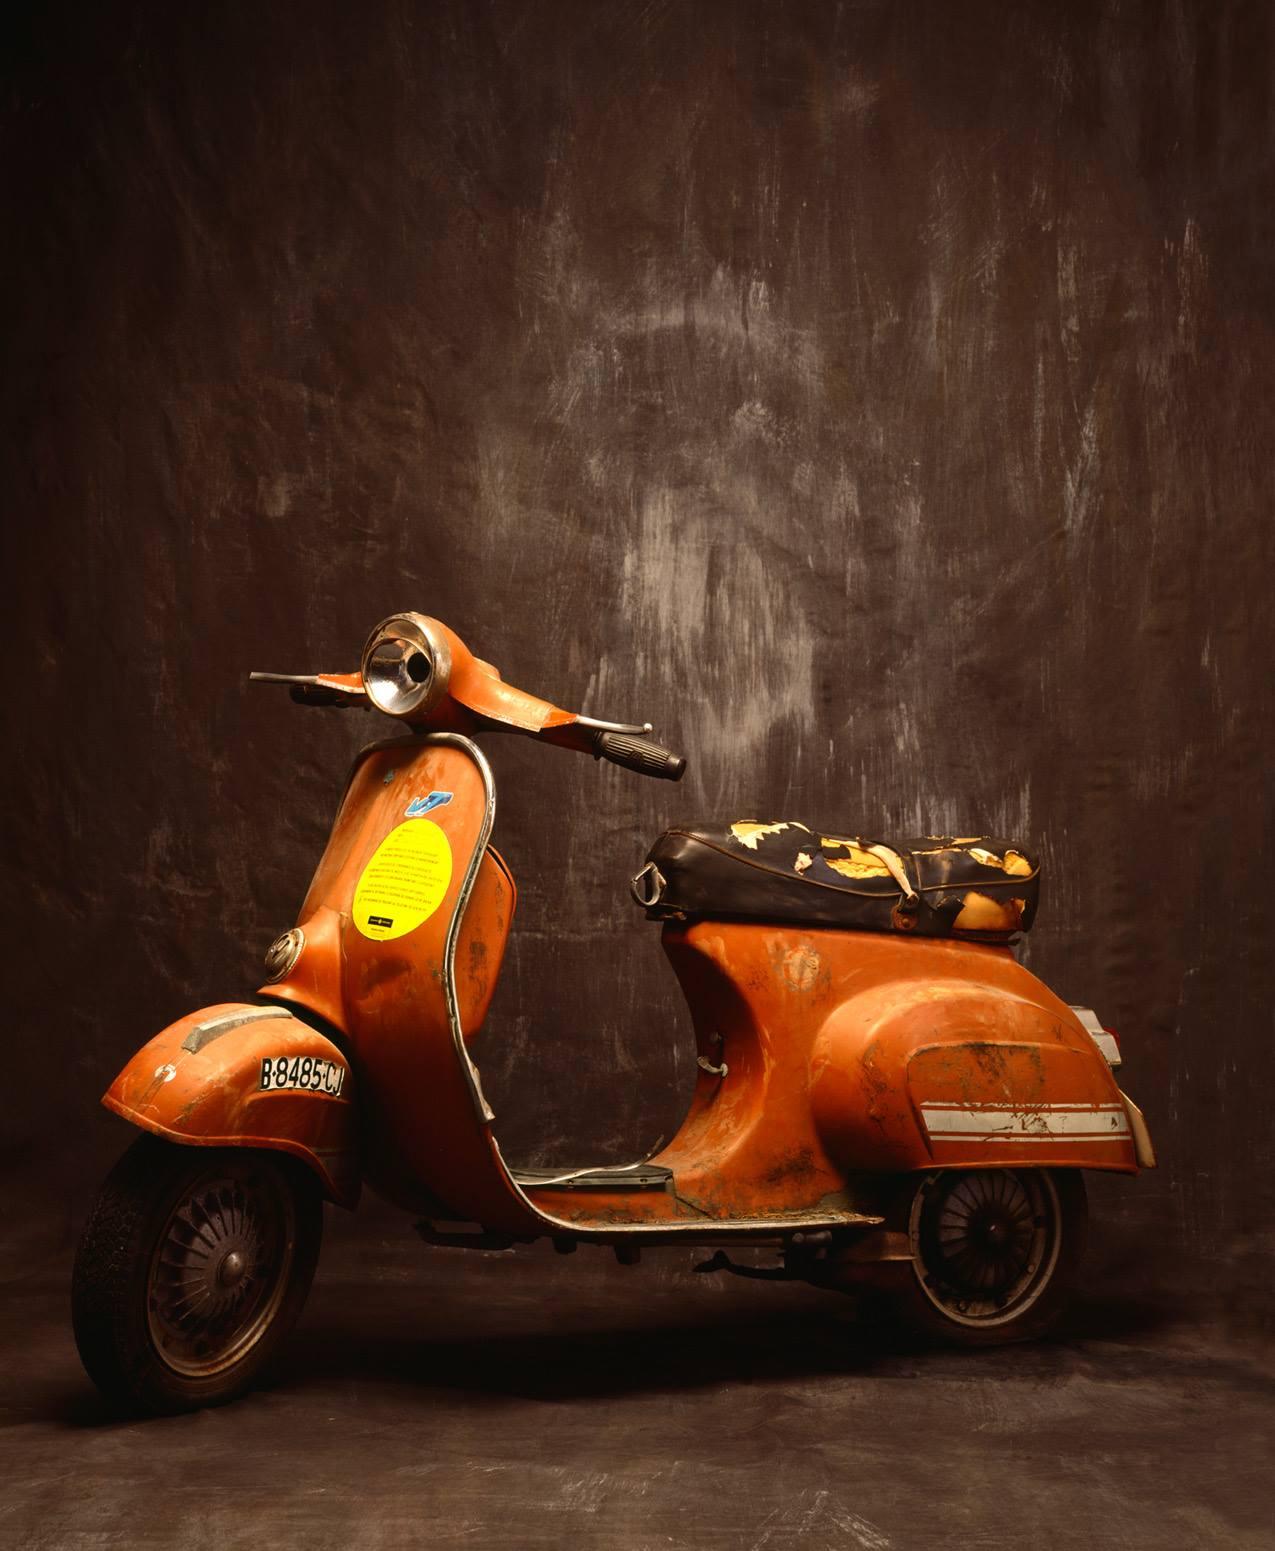 La moto<br/>